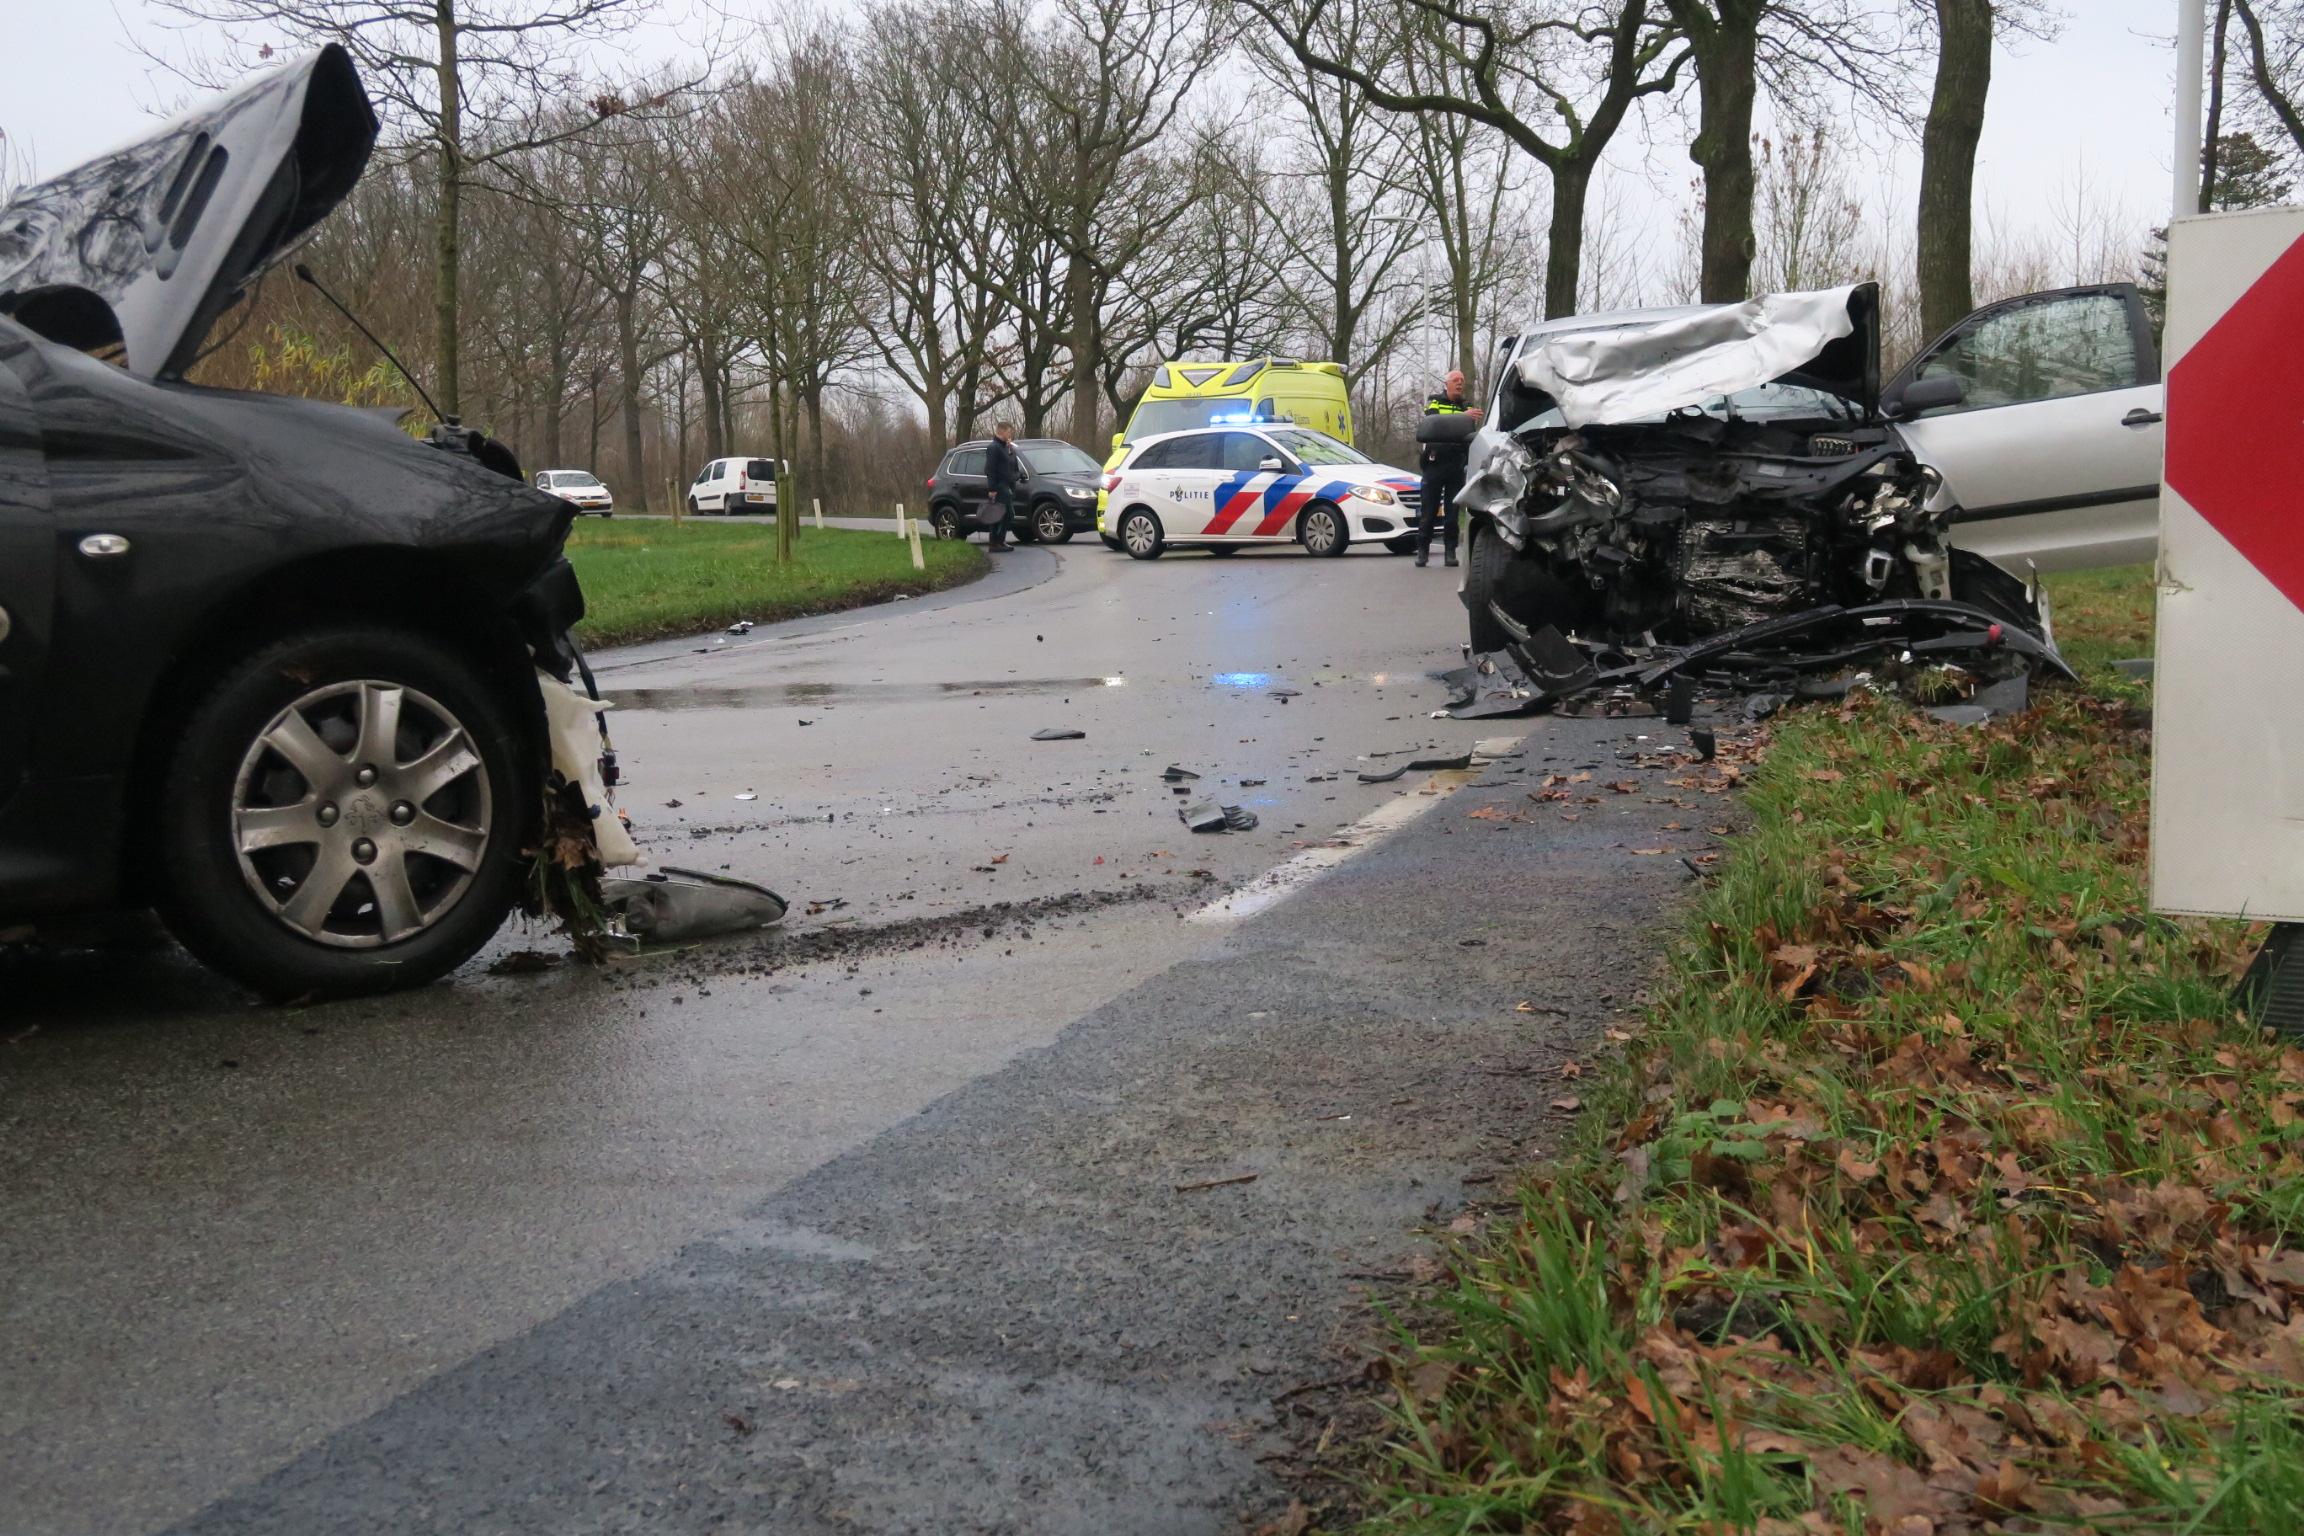 Twee gewonde na Frontale aanrijding tussen twee auto's in Surhuisterveen